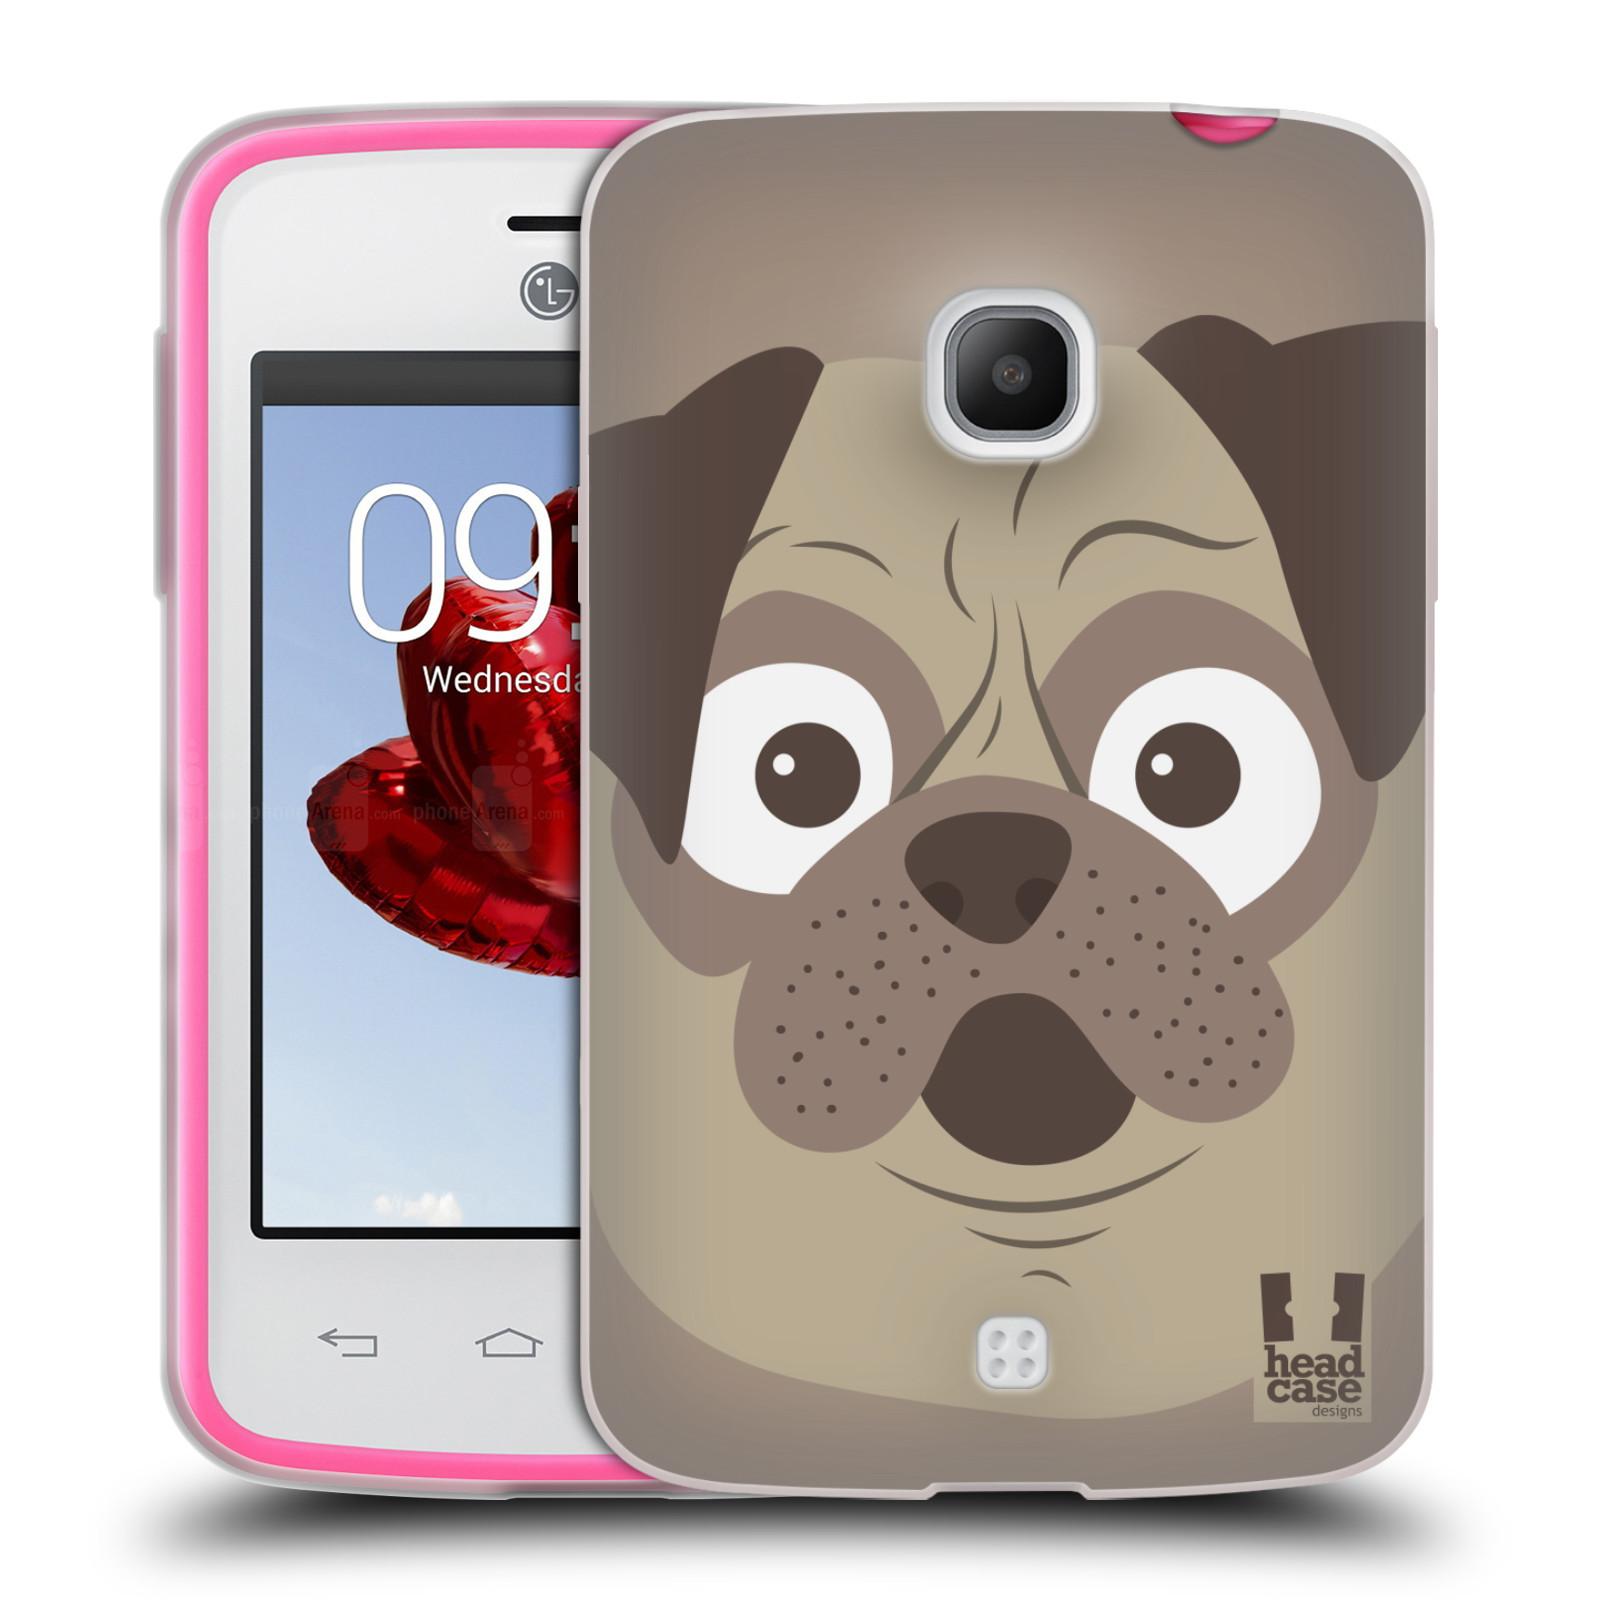 HEAD CASE silikonový obal na mobil LG L30 vzor Cartoon Karikatura barevná kreslená zvířátka pes mopsík